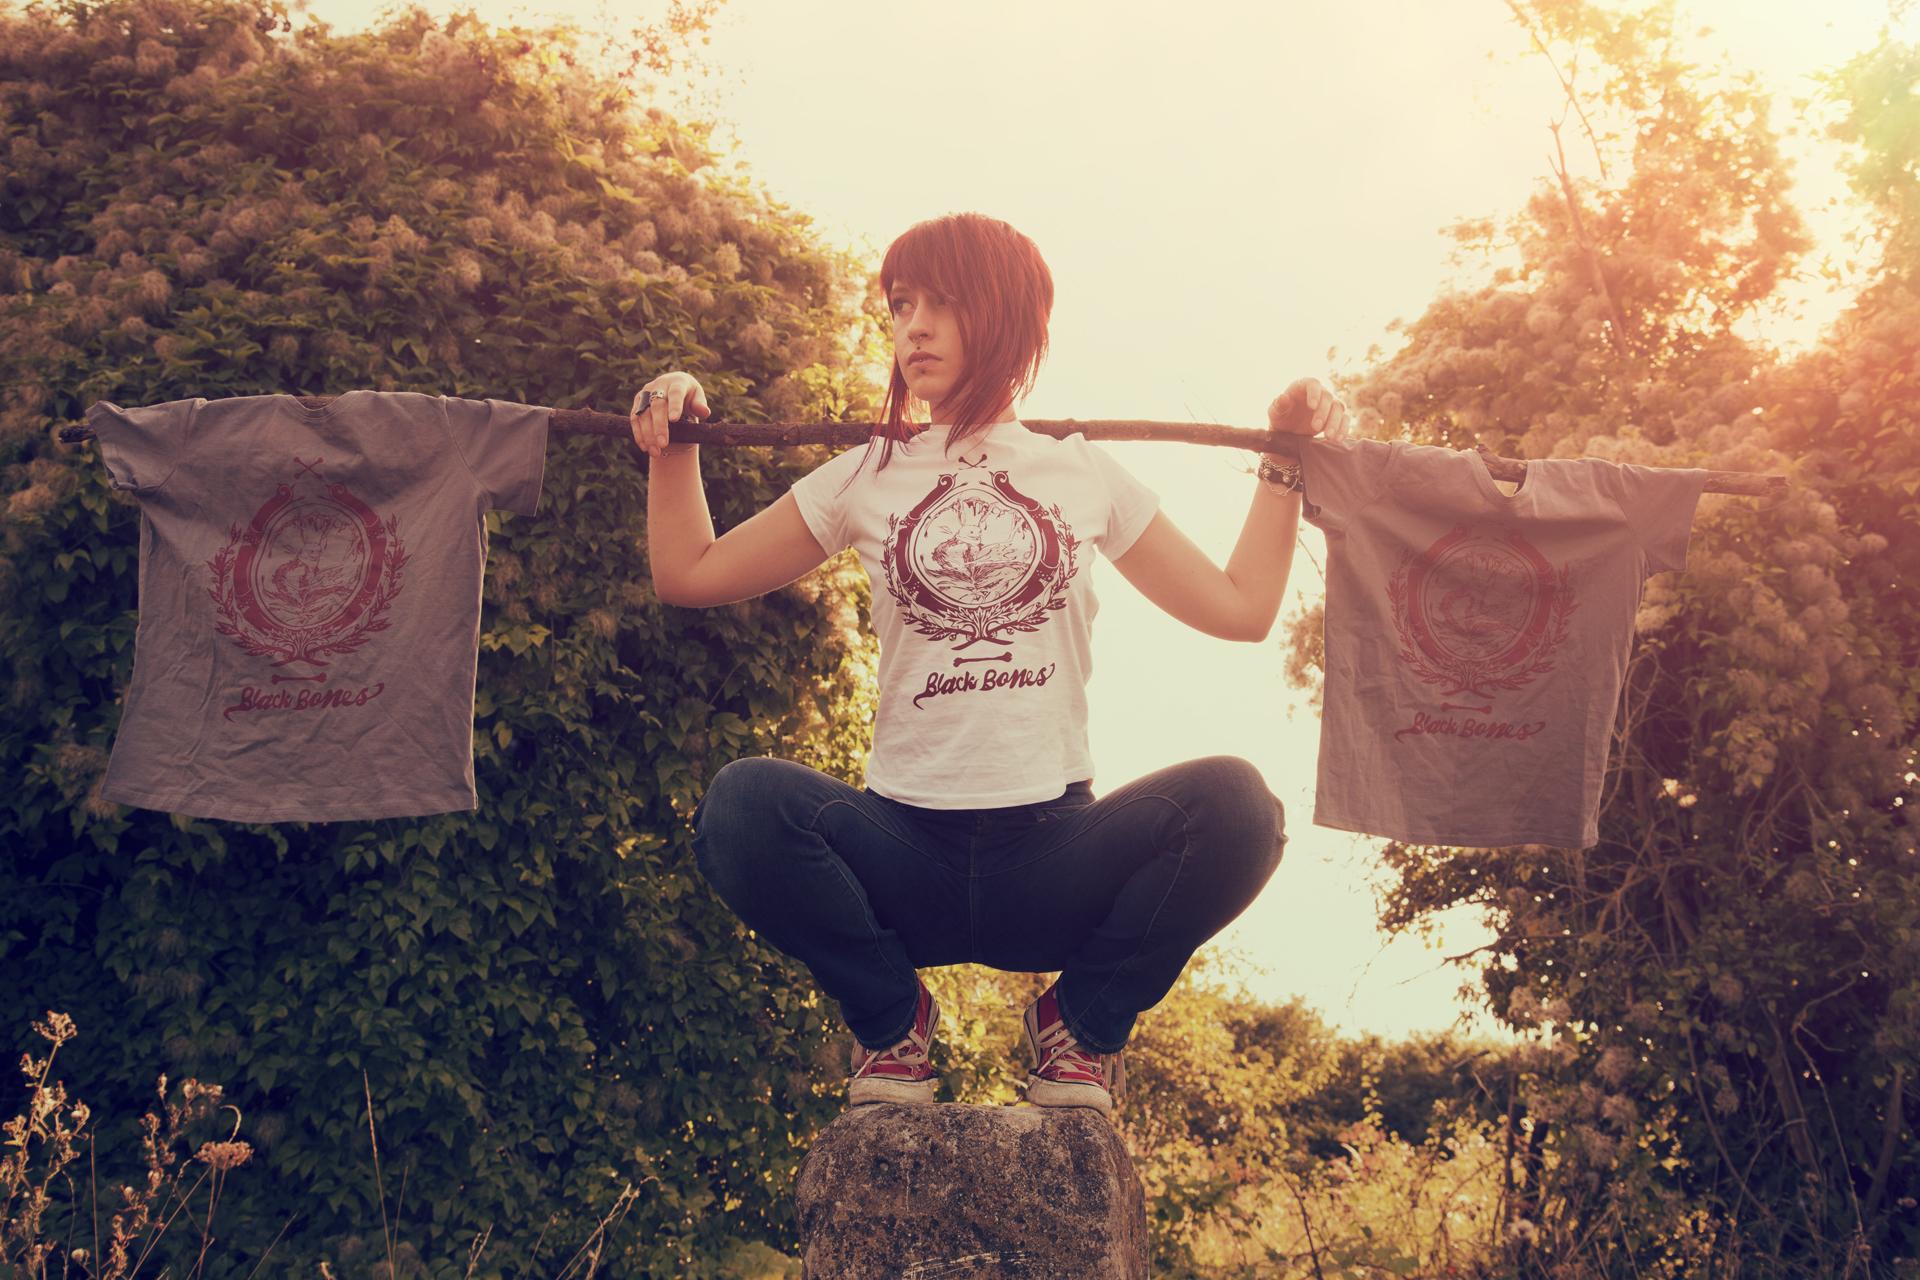 black bones t-shirt gris femme rouen